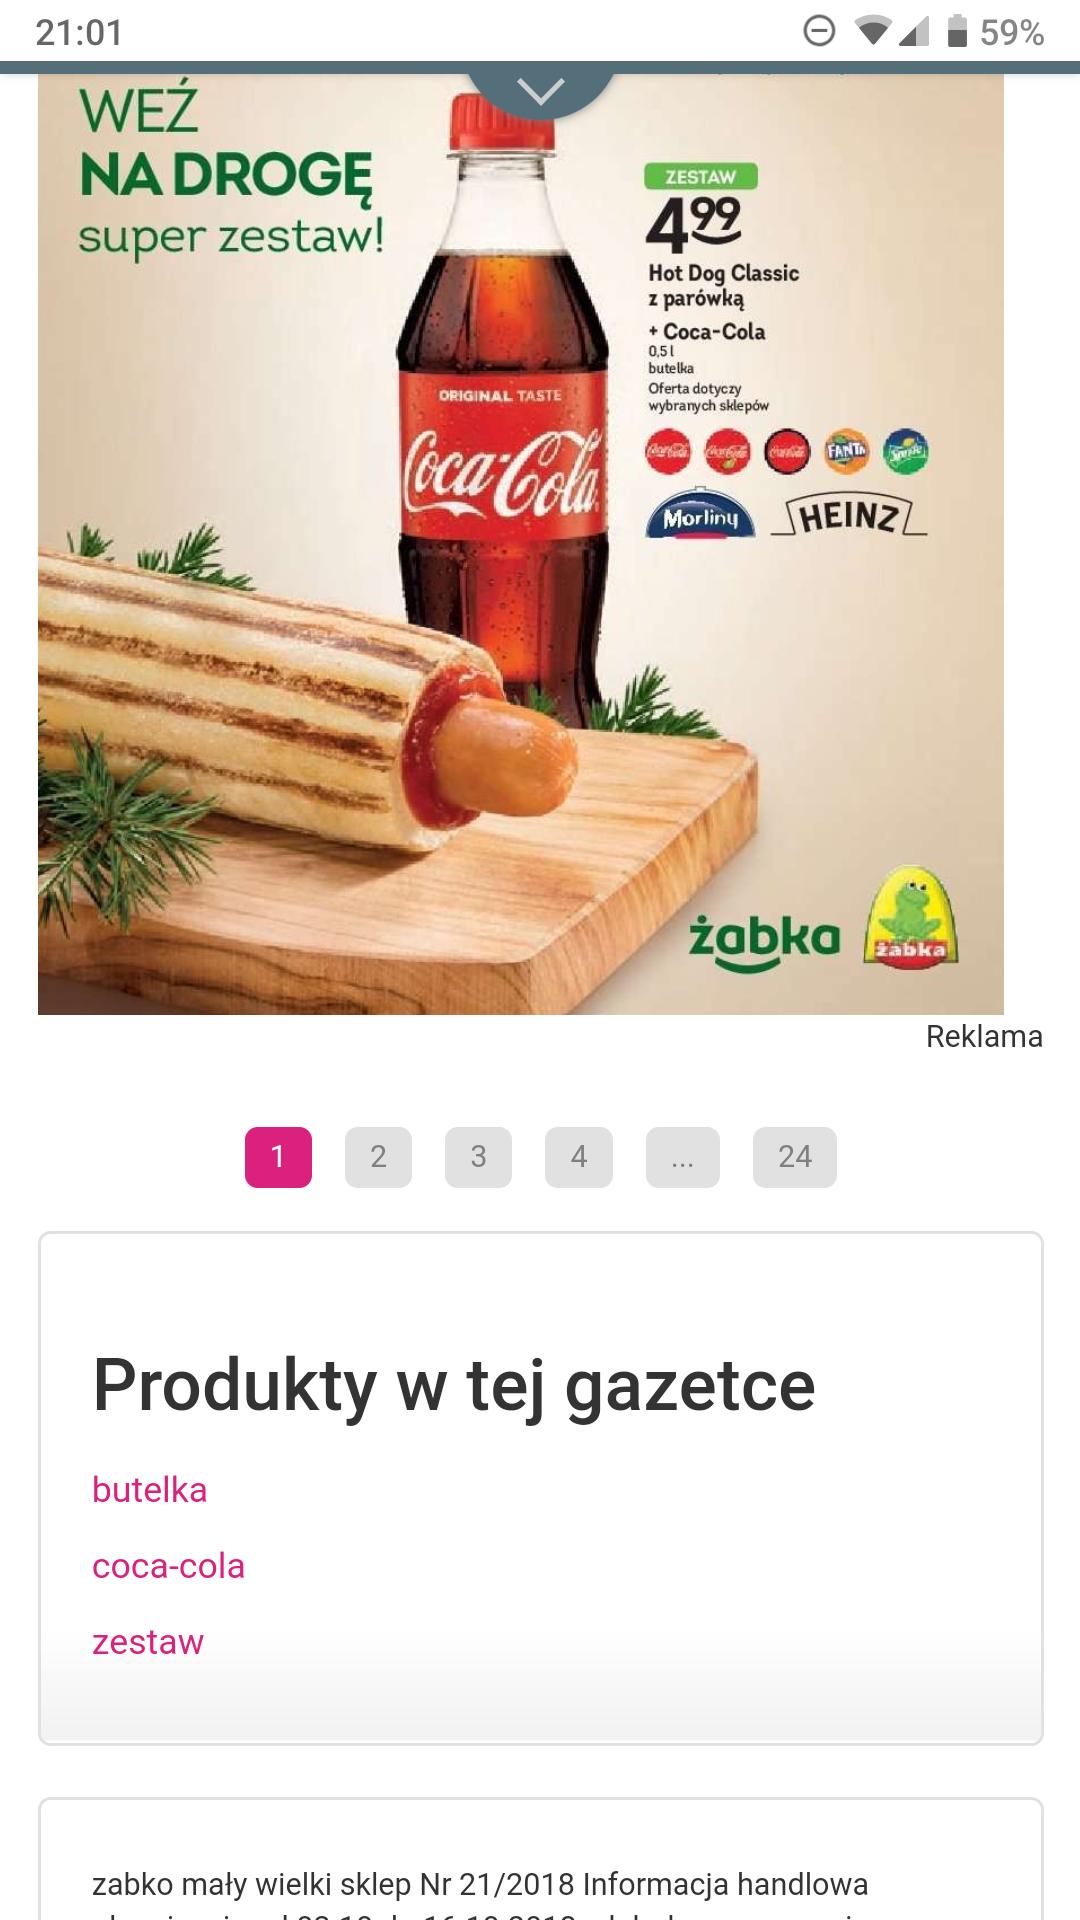 Żabka-Hot-dog + Coca-Cola 0,5